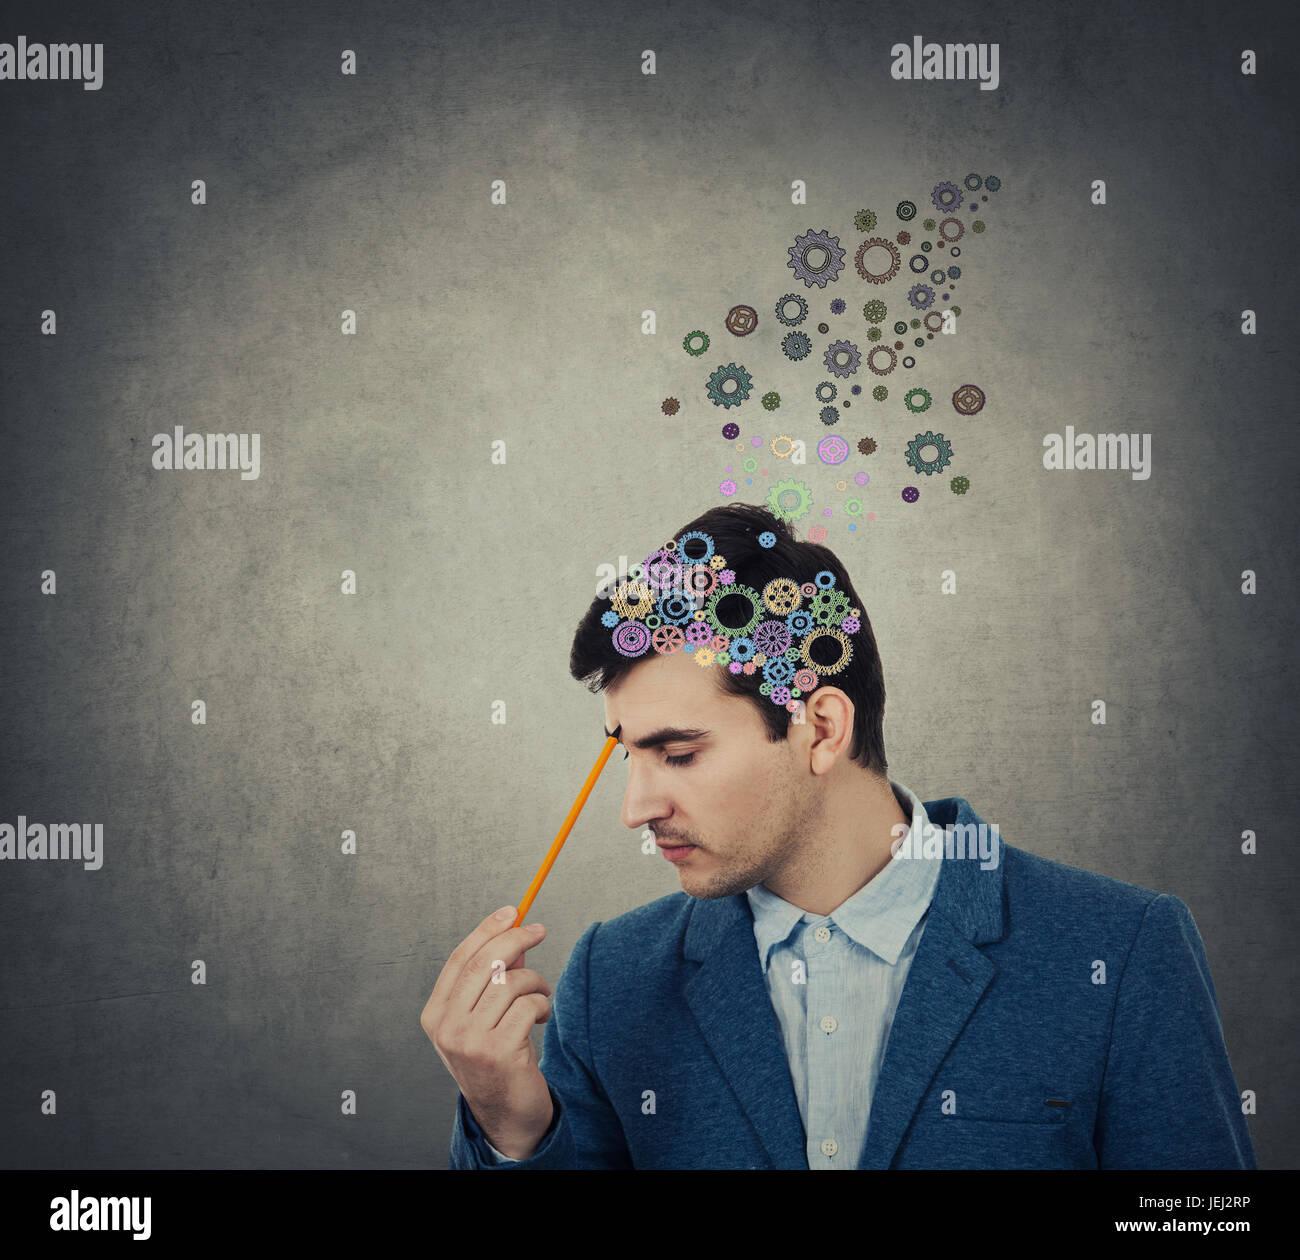 Exitoso empresario pensar y crear con un lápiz señaló su cabeza un cerebro coloruful realizados desde Imagen De Stock